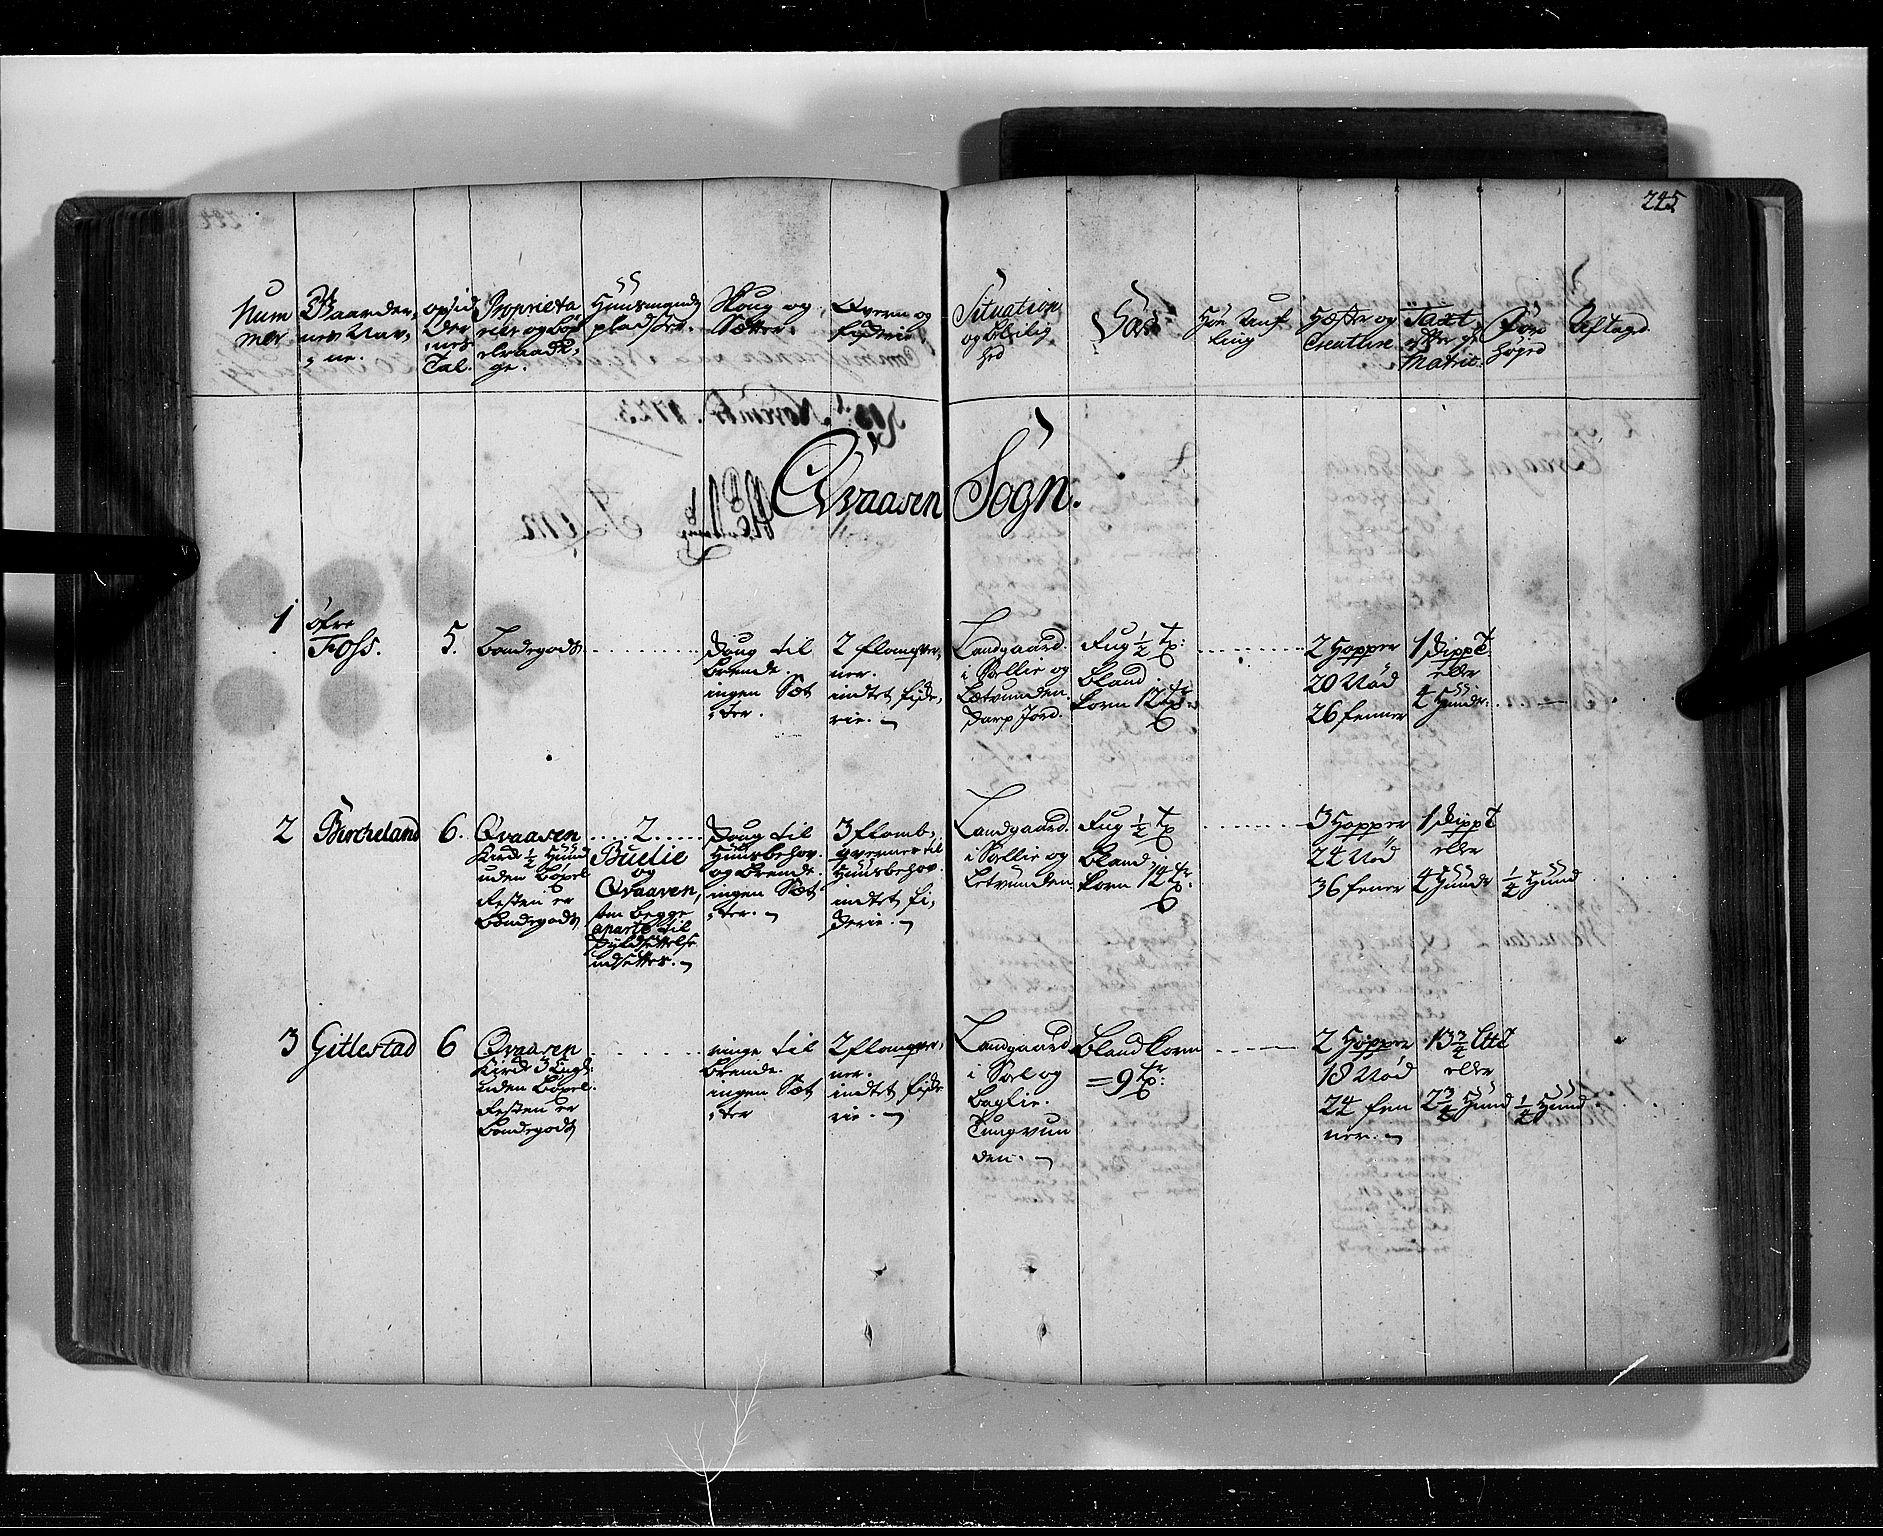 RA, Rentekammeret inntil 1814, Realistisk ordnet avdeling, N/Nb/Nbf/L0129: Lista eksaminasjonsprotokoll, 1723, s. 244b-245a